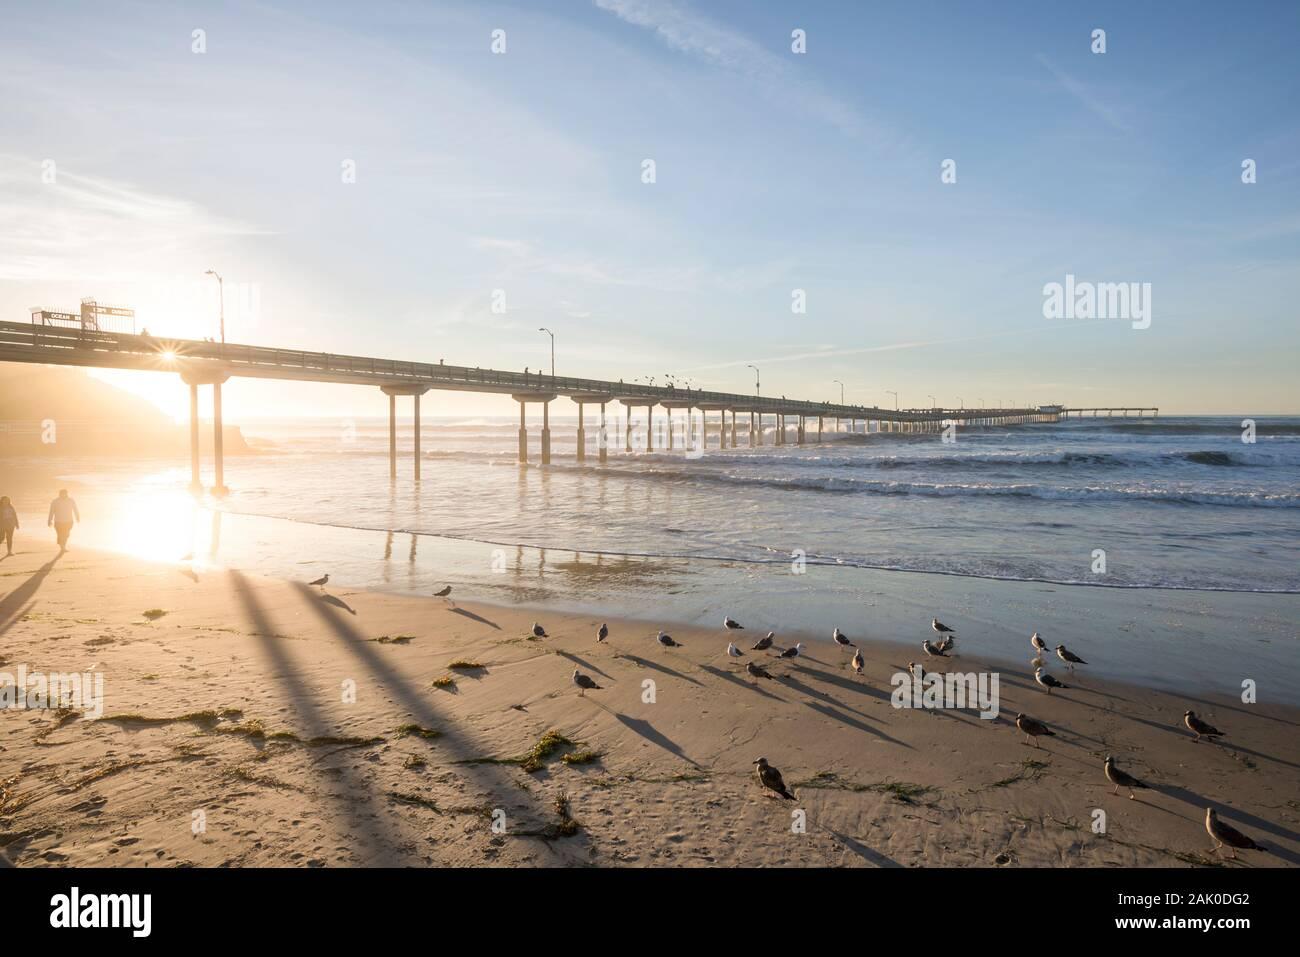 Noche de invierno costero antes del atardecer. Vista del Oceano Beach Pier. San Diego, California, USA. Foto de stock